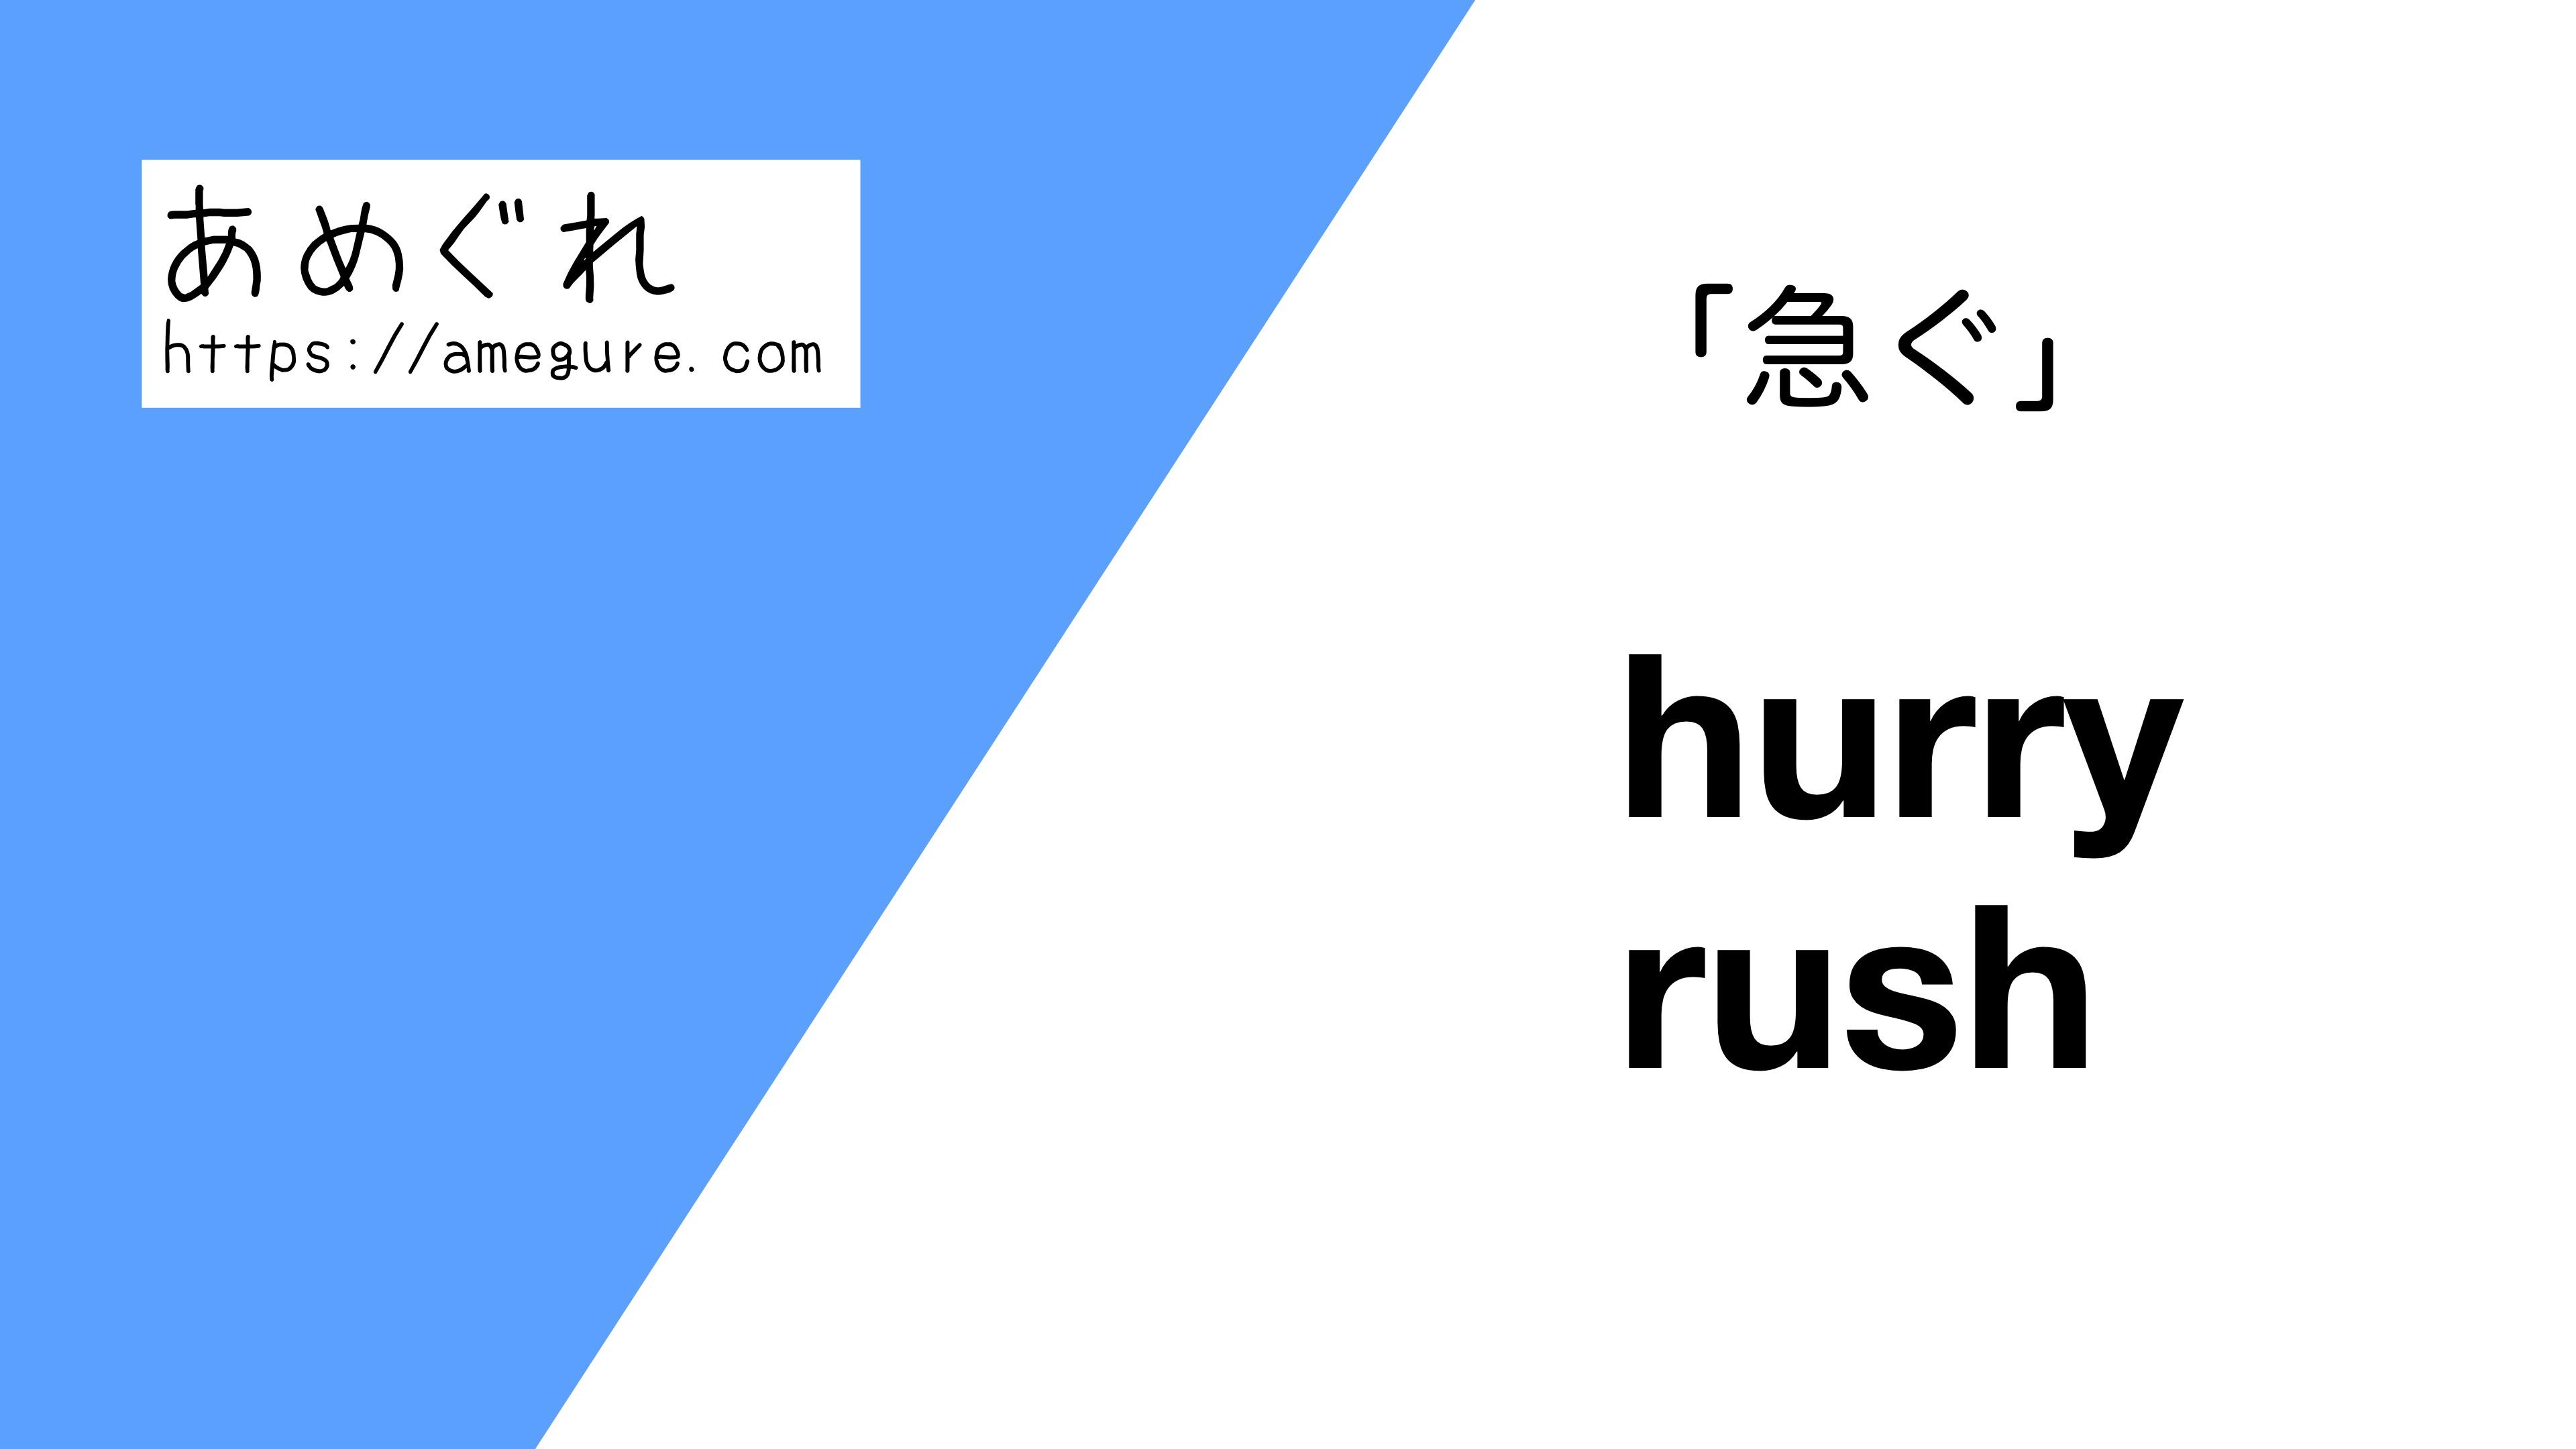 hurry-rush違い